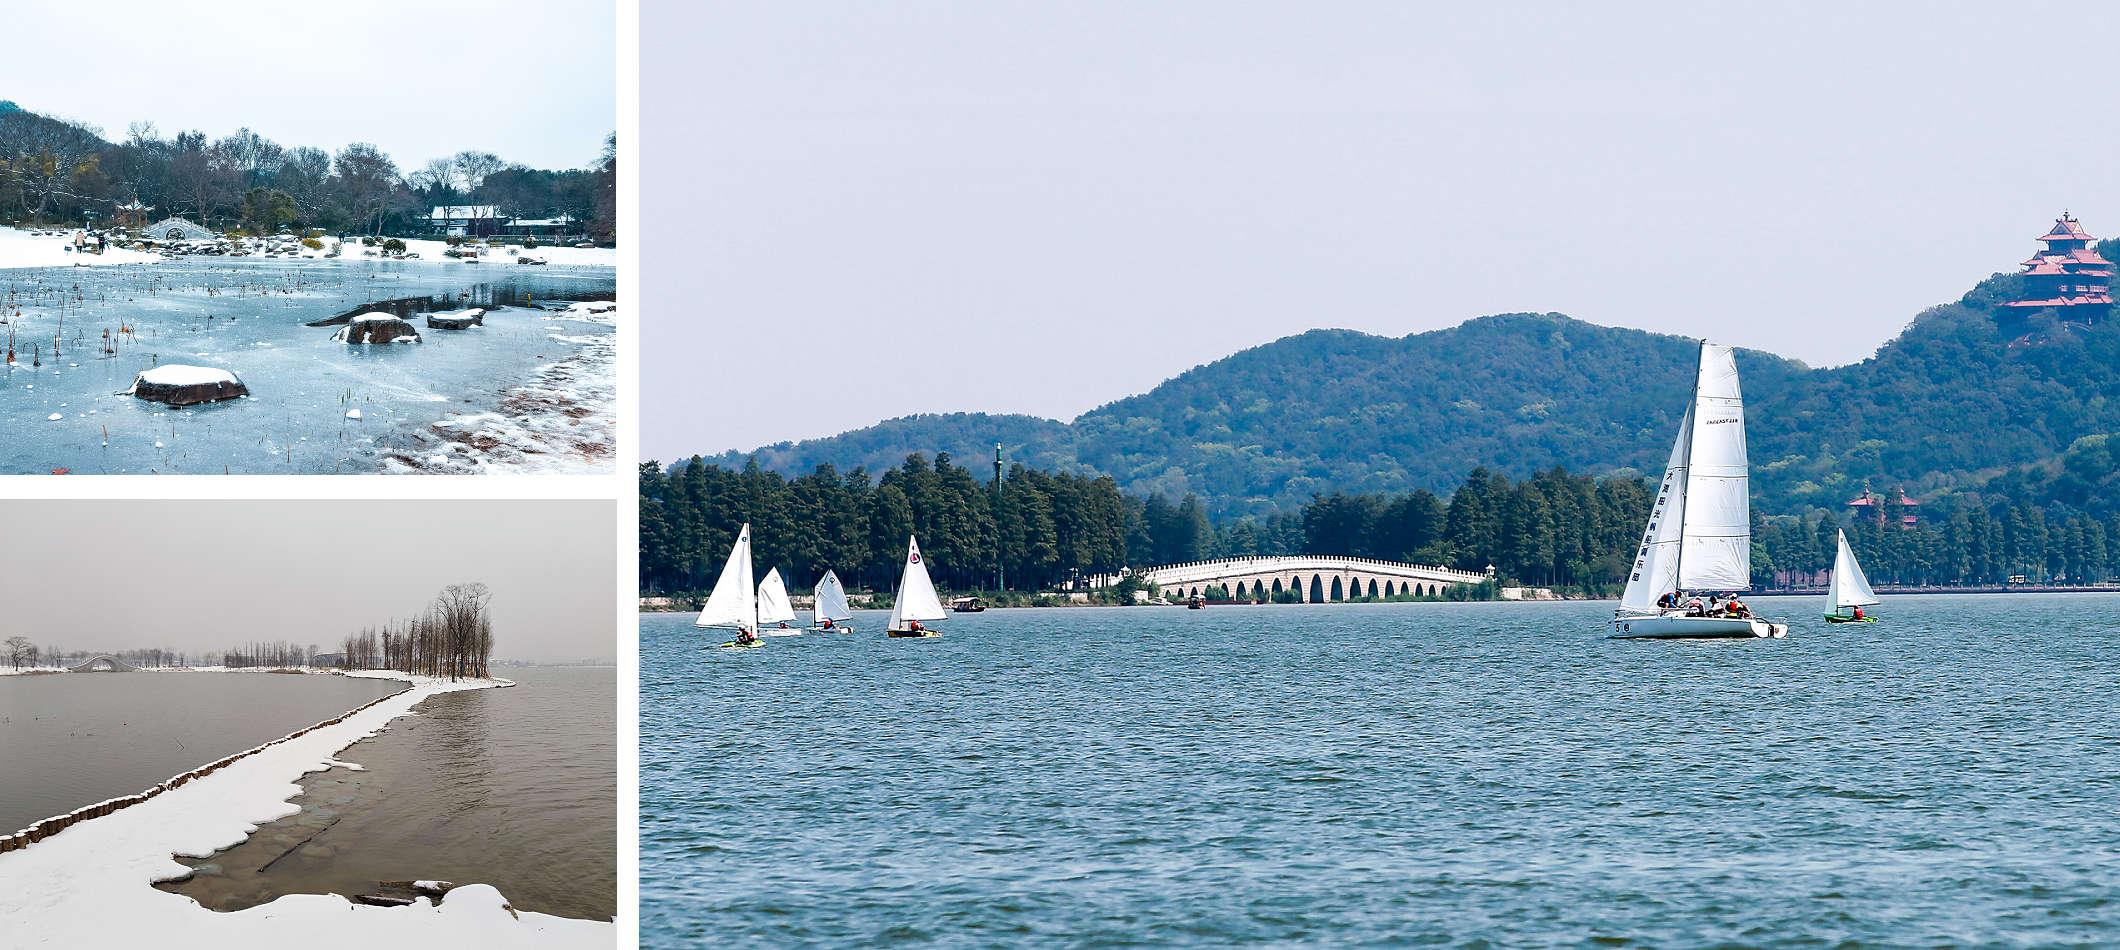 左上、左下:冬雪中的東湖。右:秋高氣爽的東湖,格外秀麗。